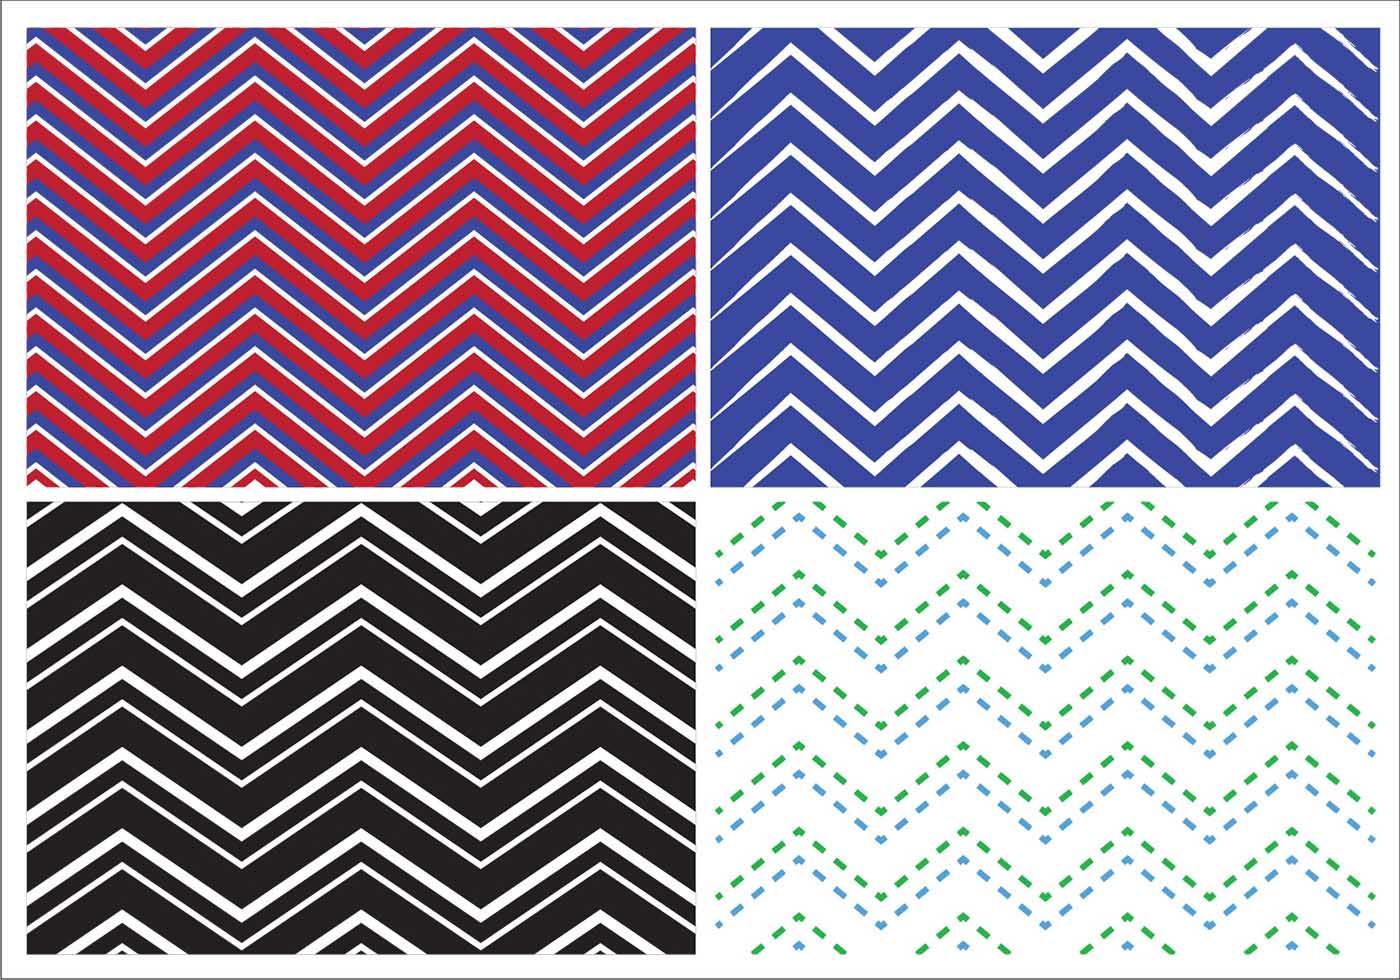 Zig zag background vectors   Download Vector Art Stock Graphics 1400x980